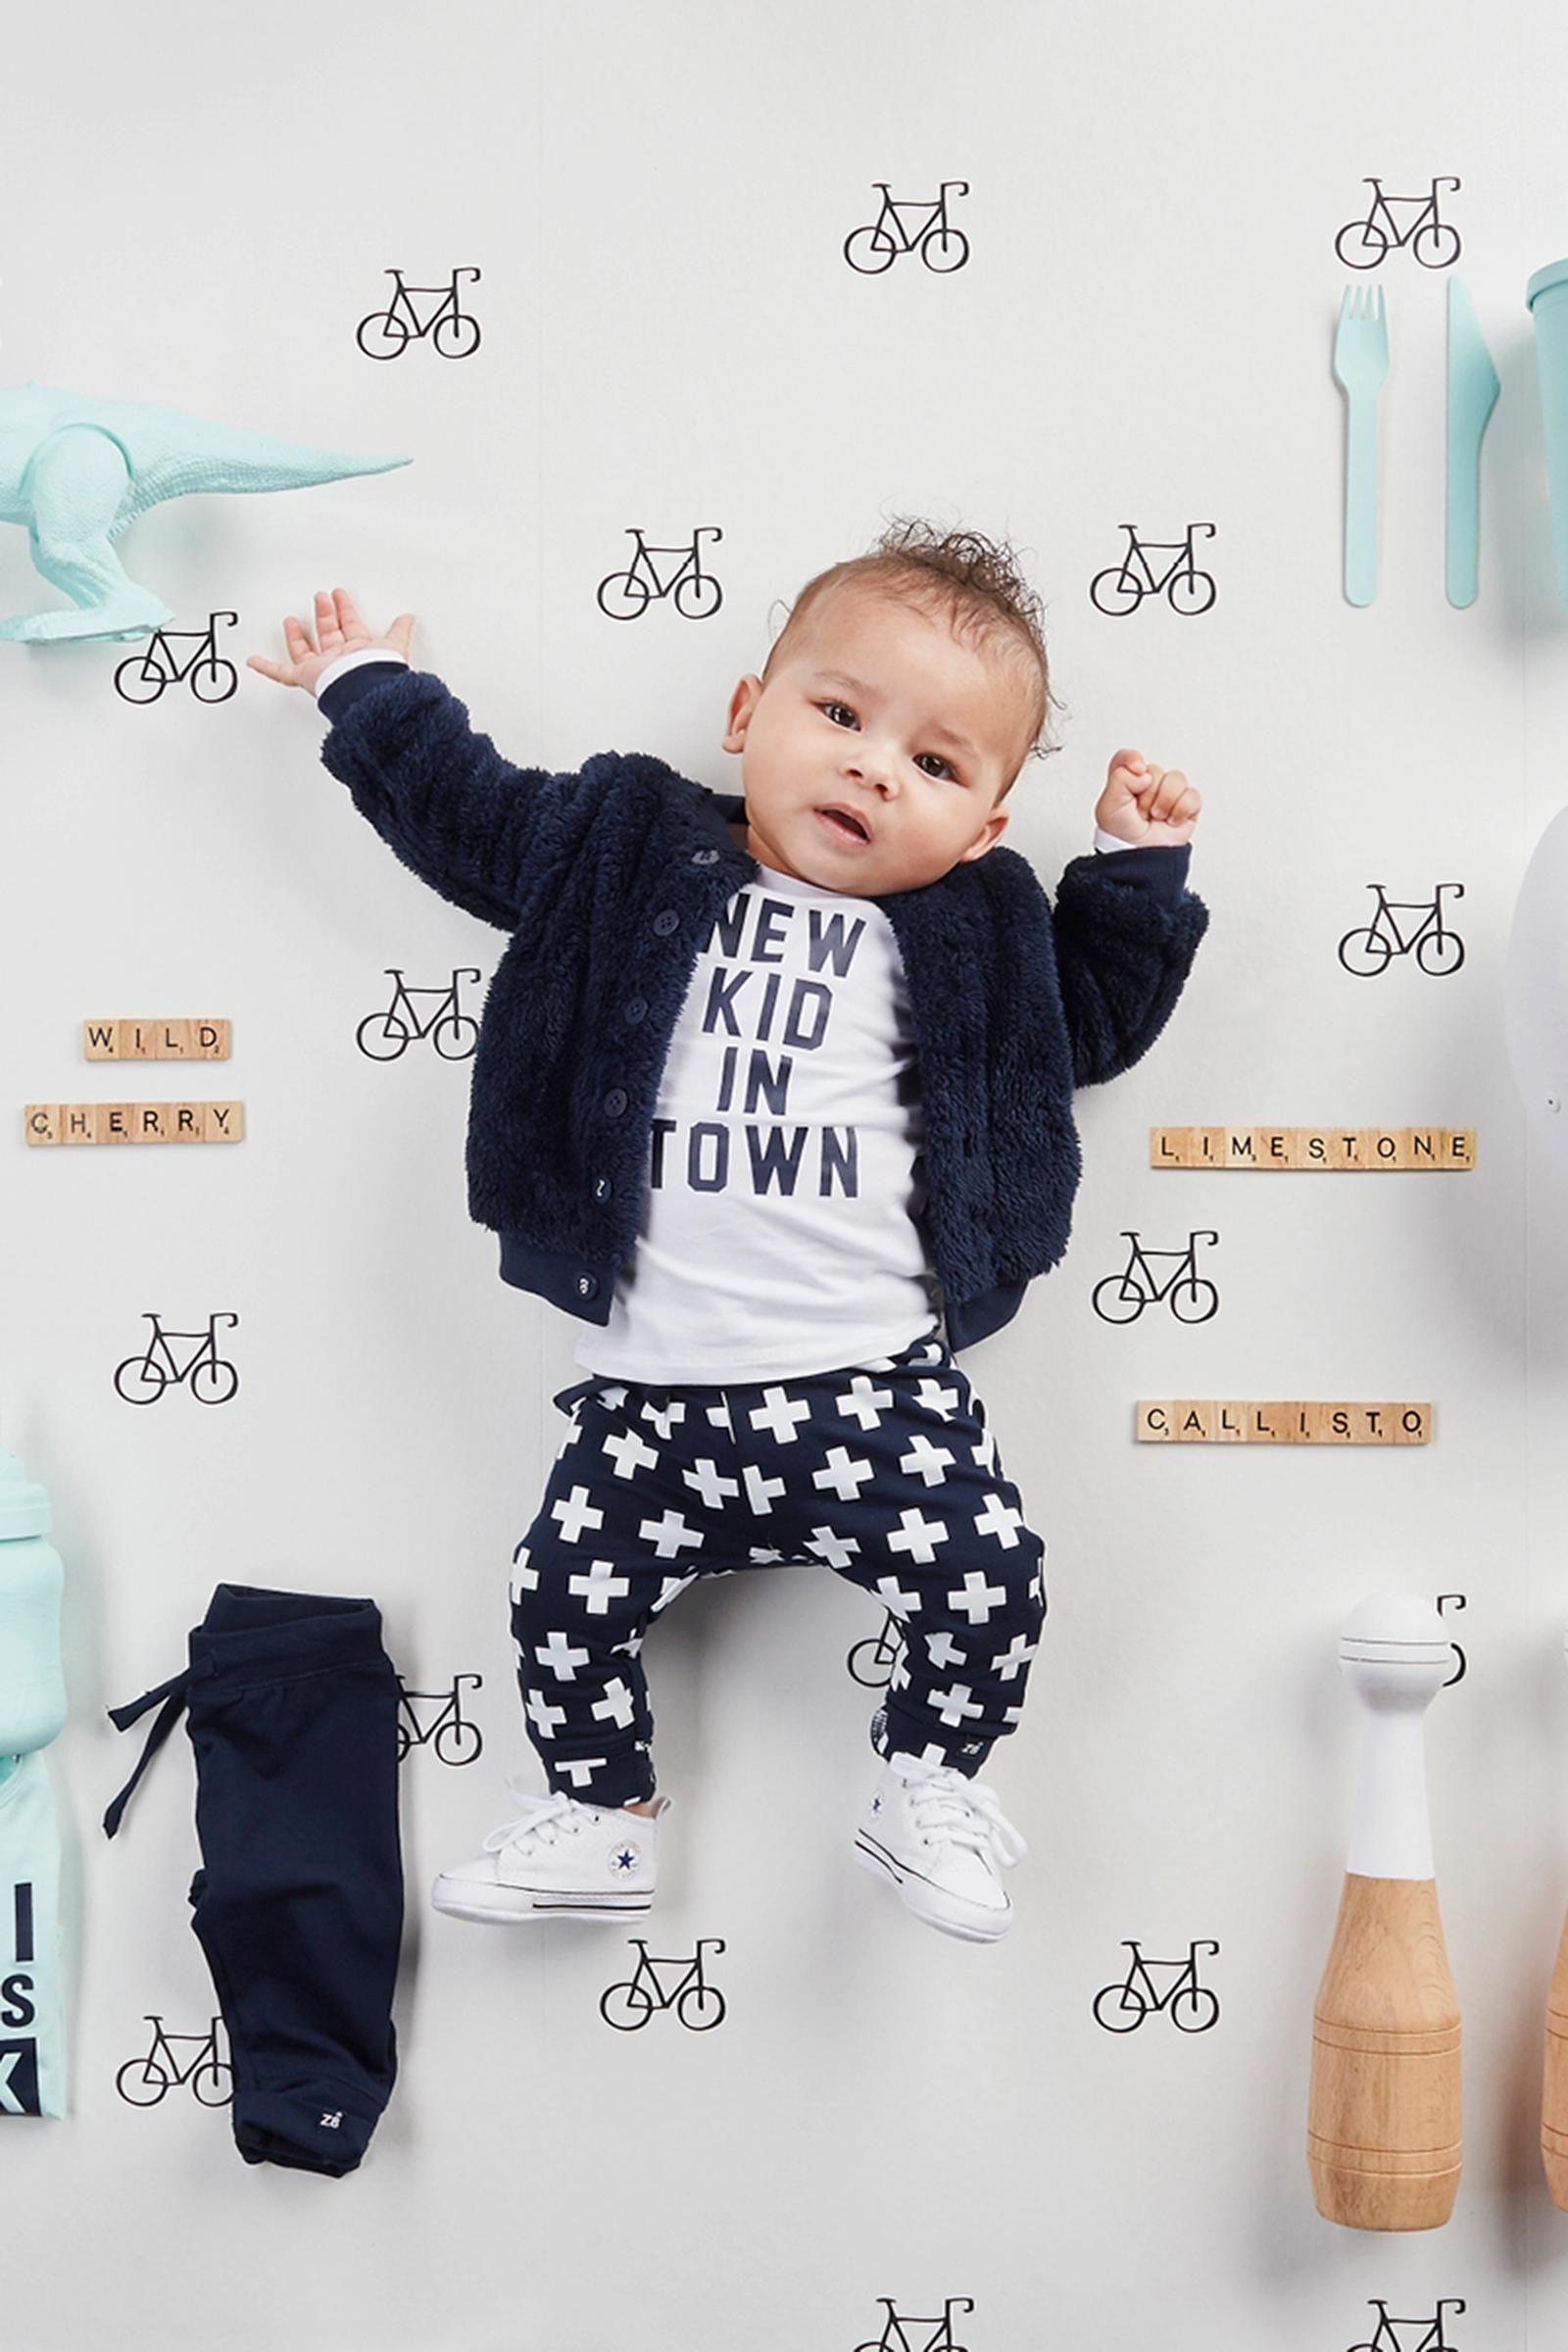 Stoere Babykleding Voor Meisjes.Dit Stoere Shirt Van Het Merk Z8 Is Eindeloos Te Combineren Met